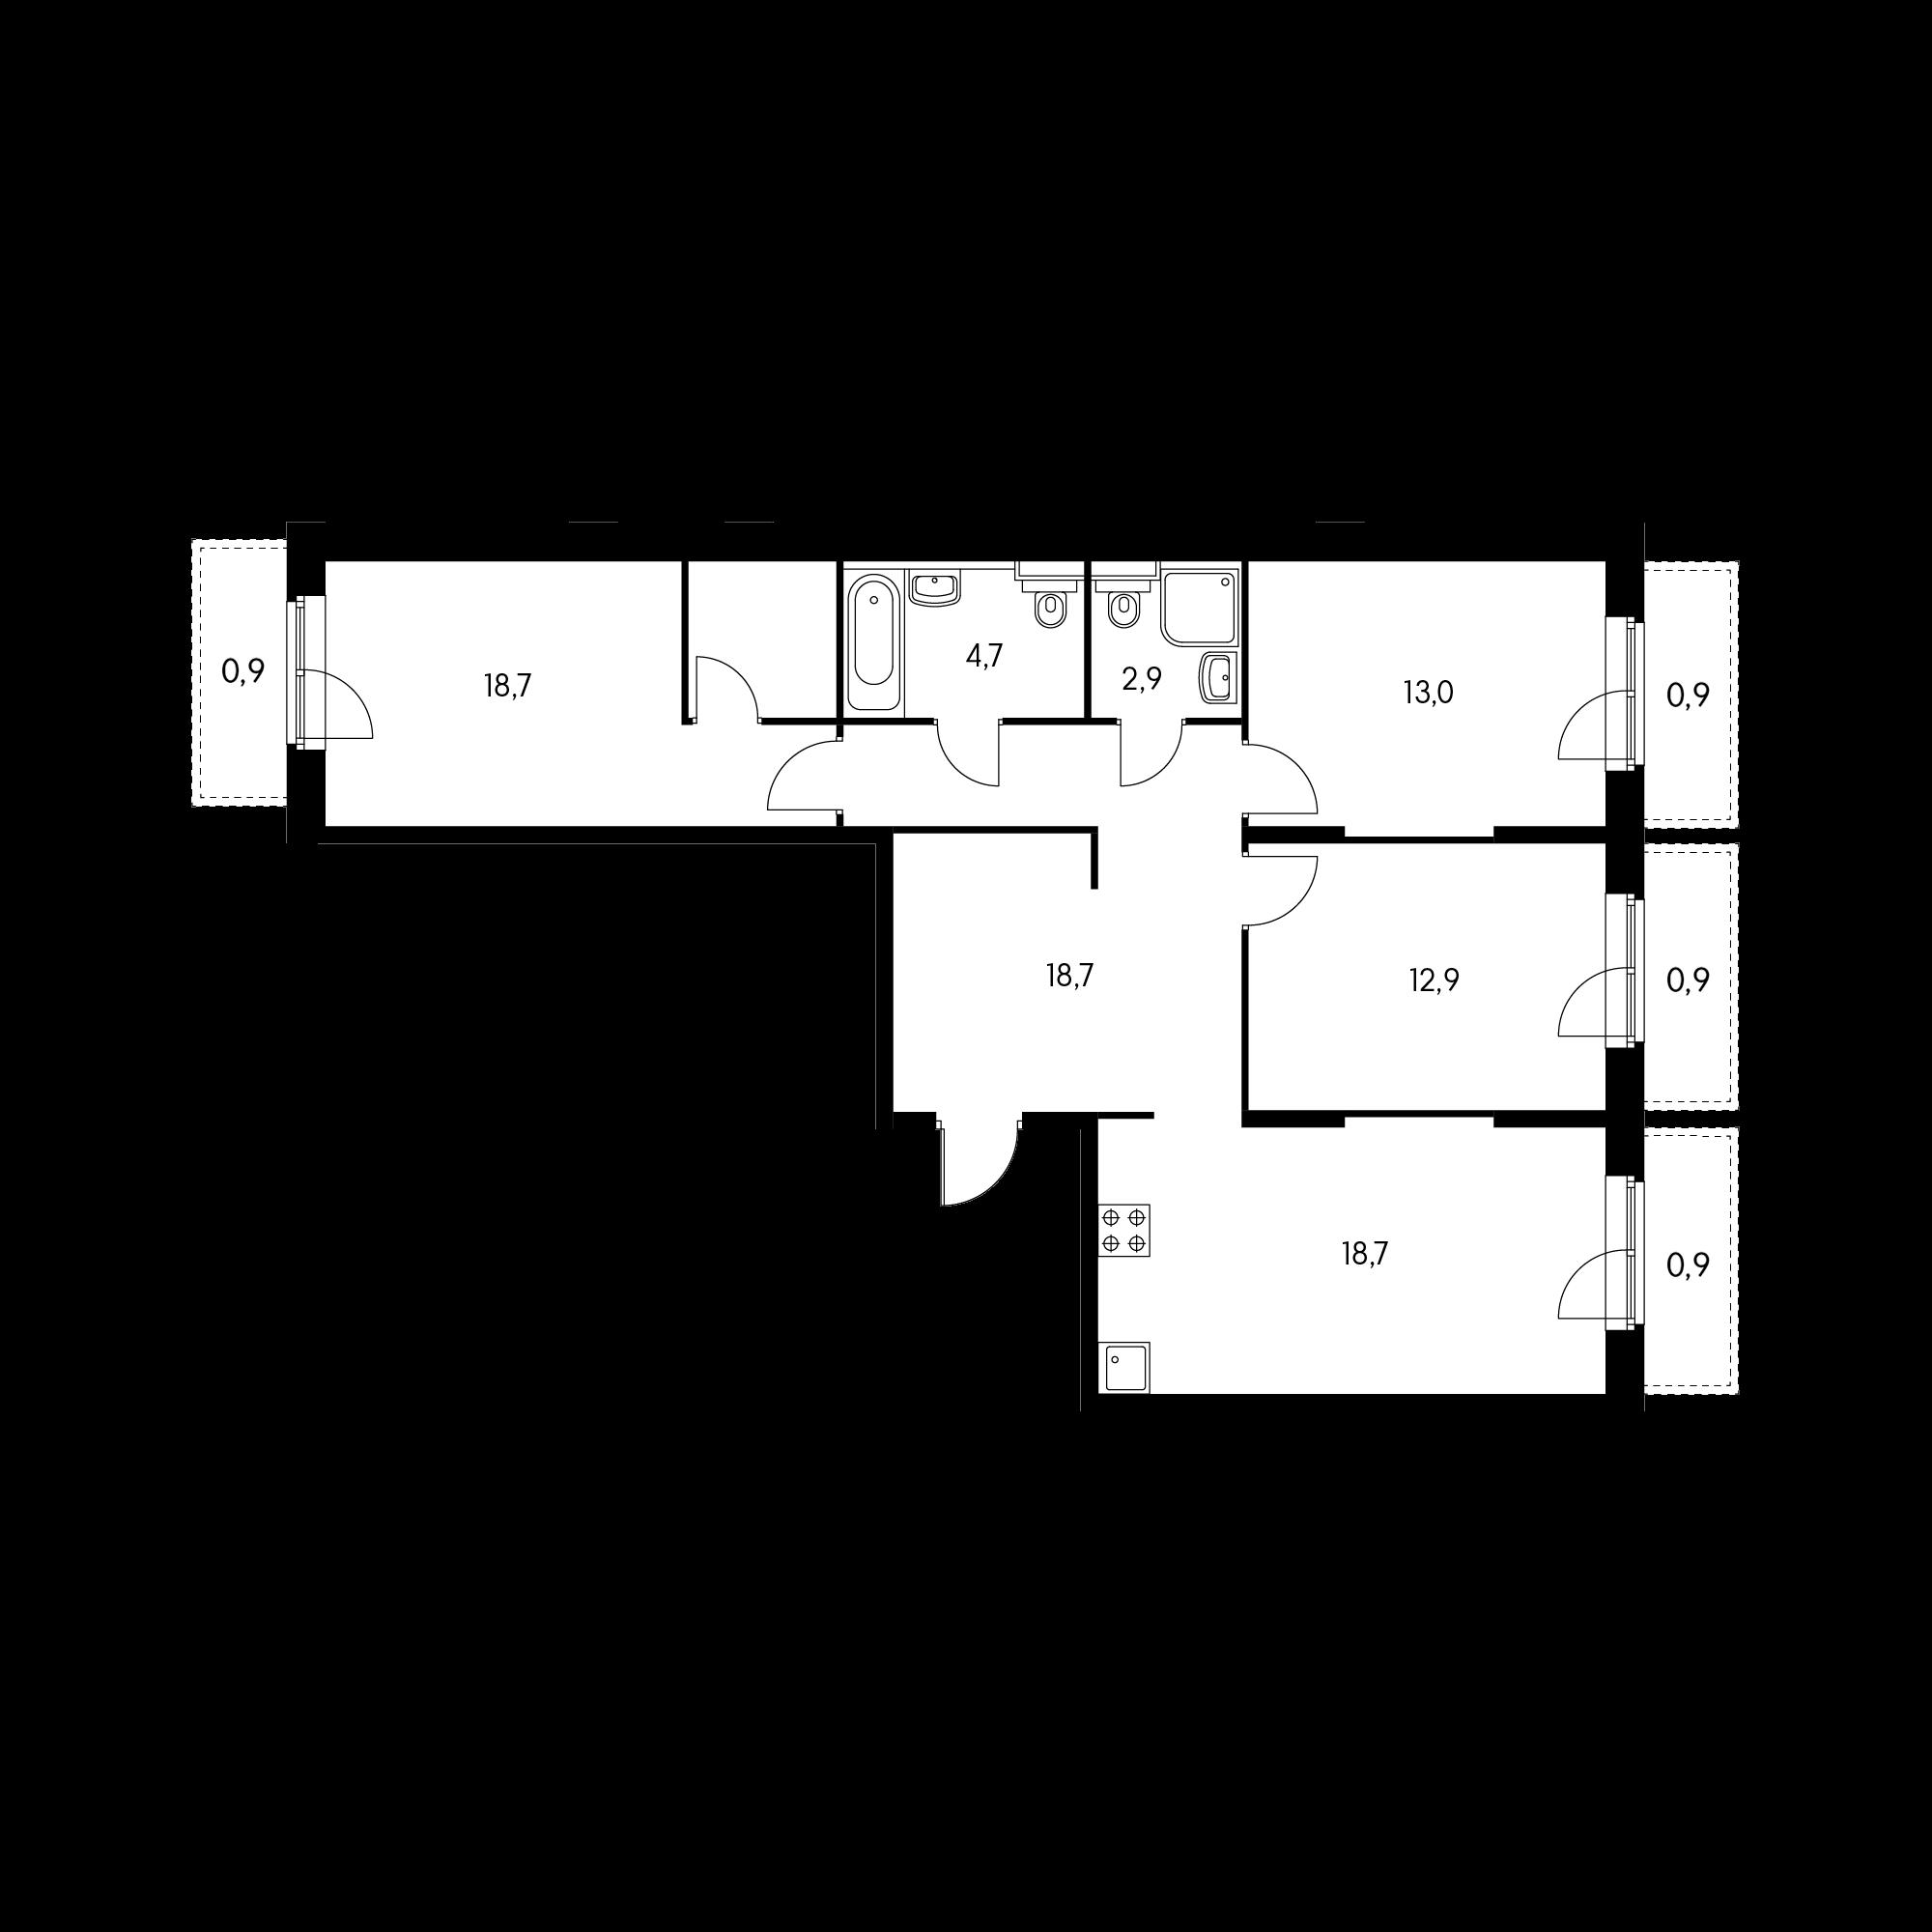 3EL3_9.9-1_AB